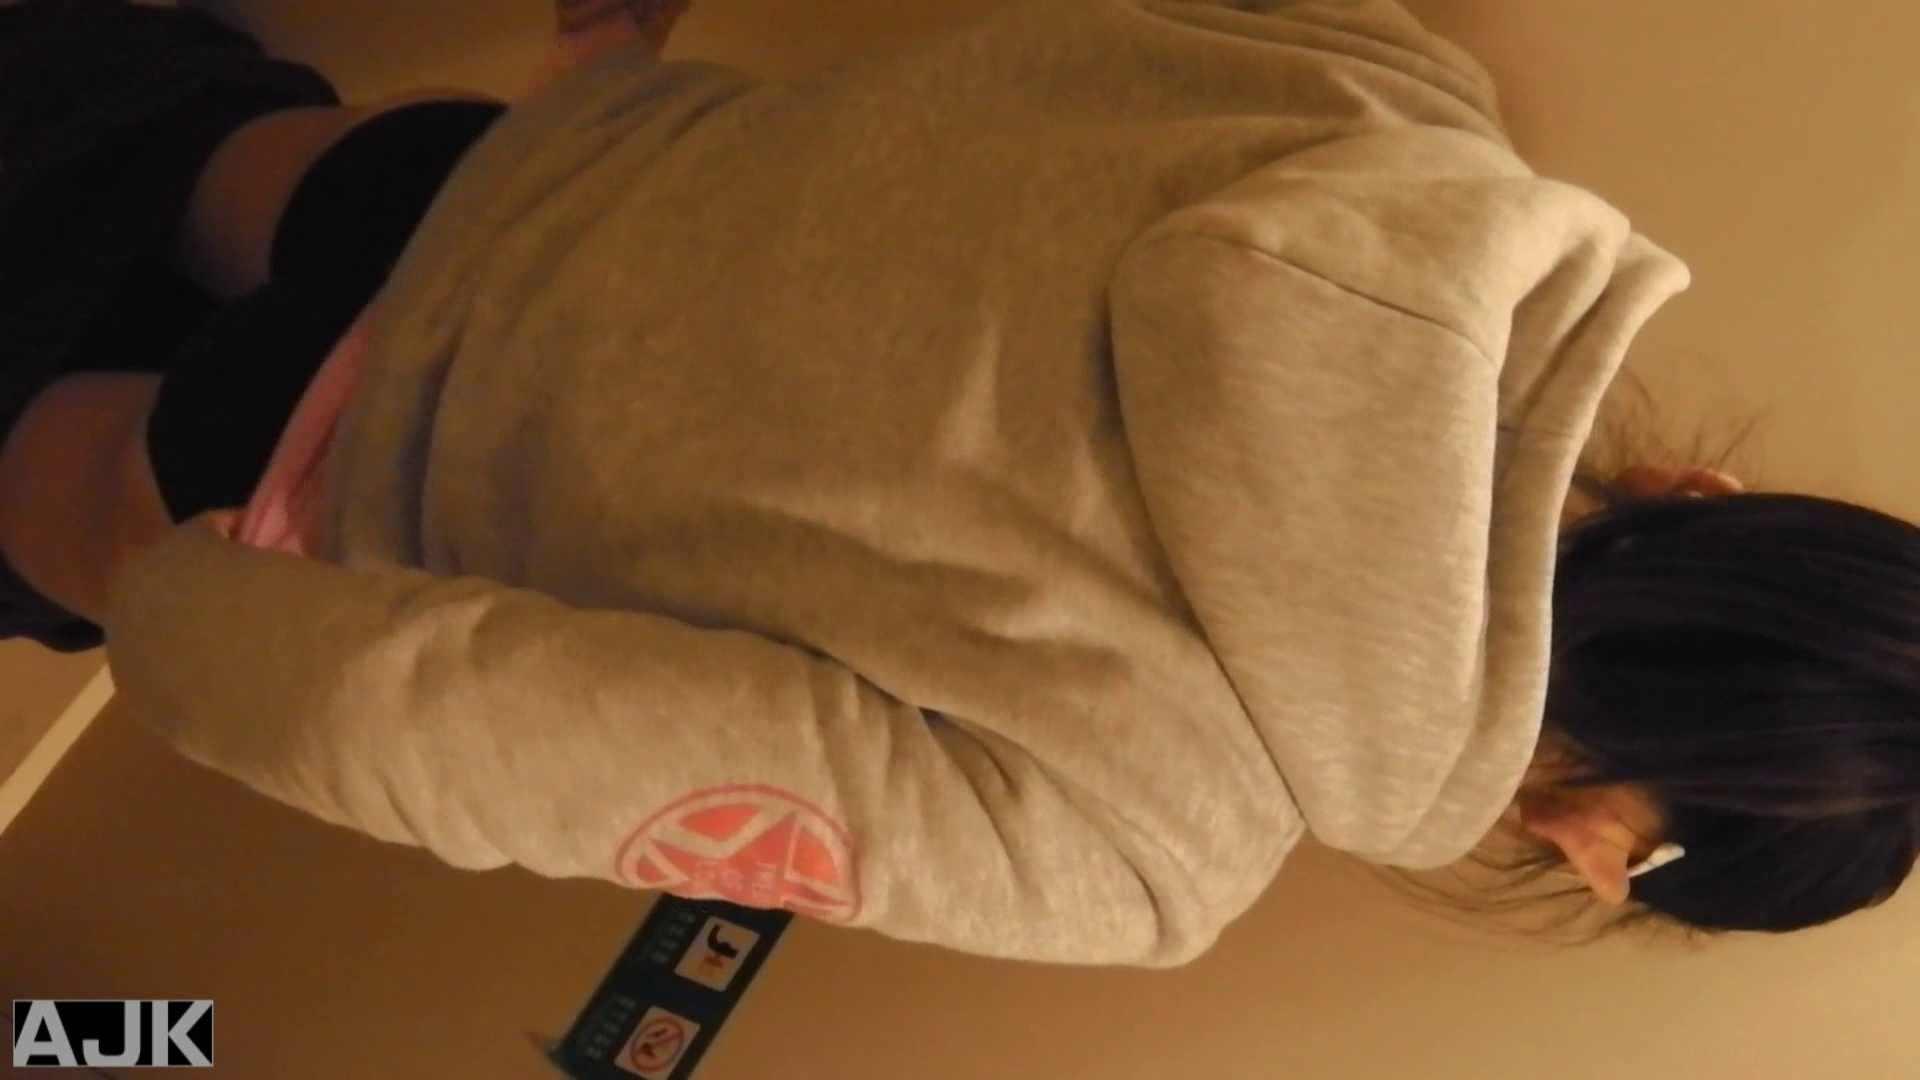 神降臨!史上最強の潜入かわや! vol.10 オマンコ秘宝館 隠し撮りオマンコ動画紹介 61連発 61